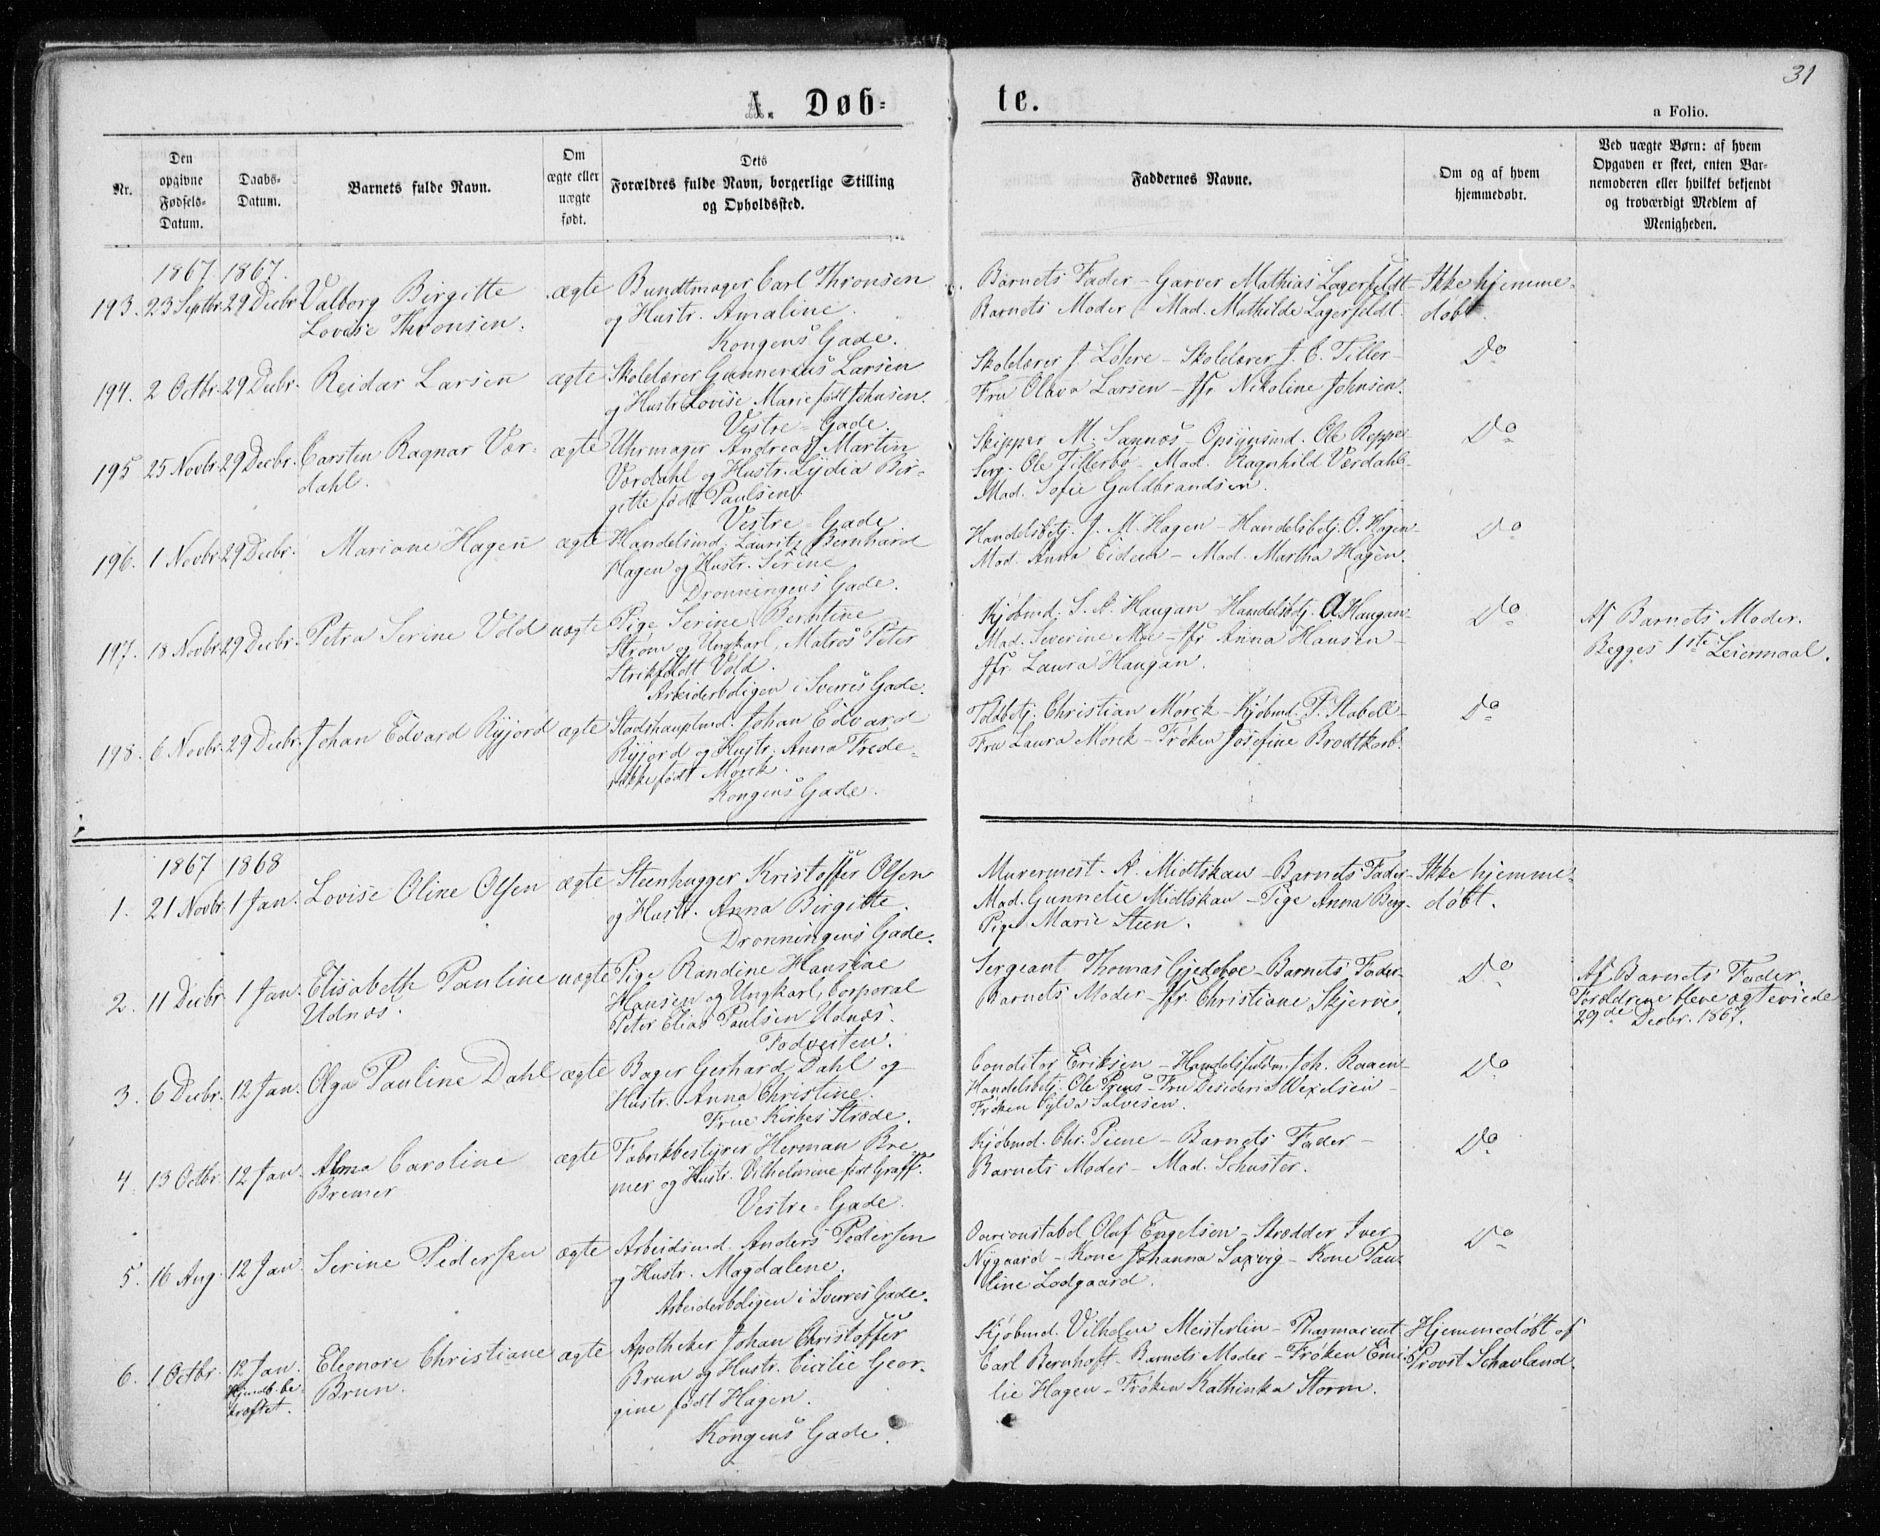 SAT, Ministerialprotokoller, klokkerbøker og fødselsregistre - Sør-Trøndelag, 601/L0054: Ministerialbok nr. 601A22, 1866-1877, s. 31